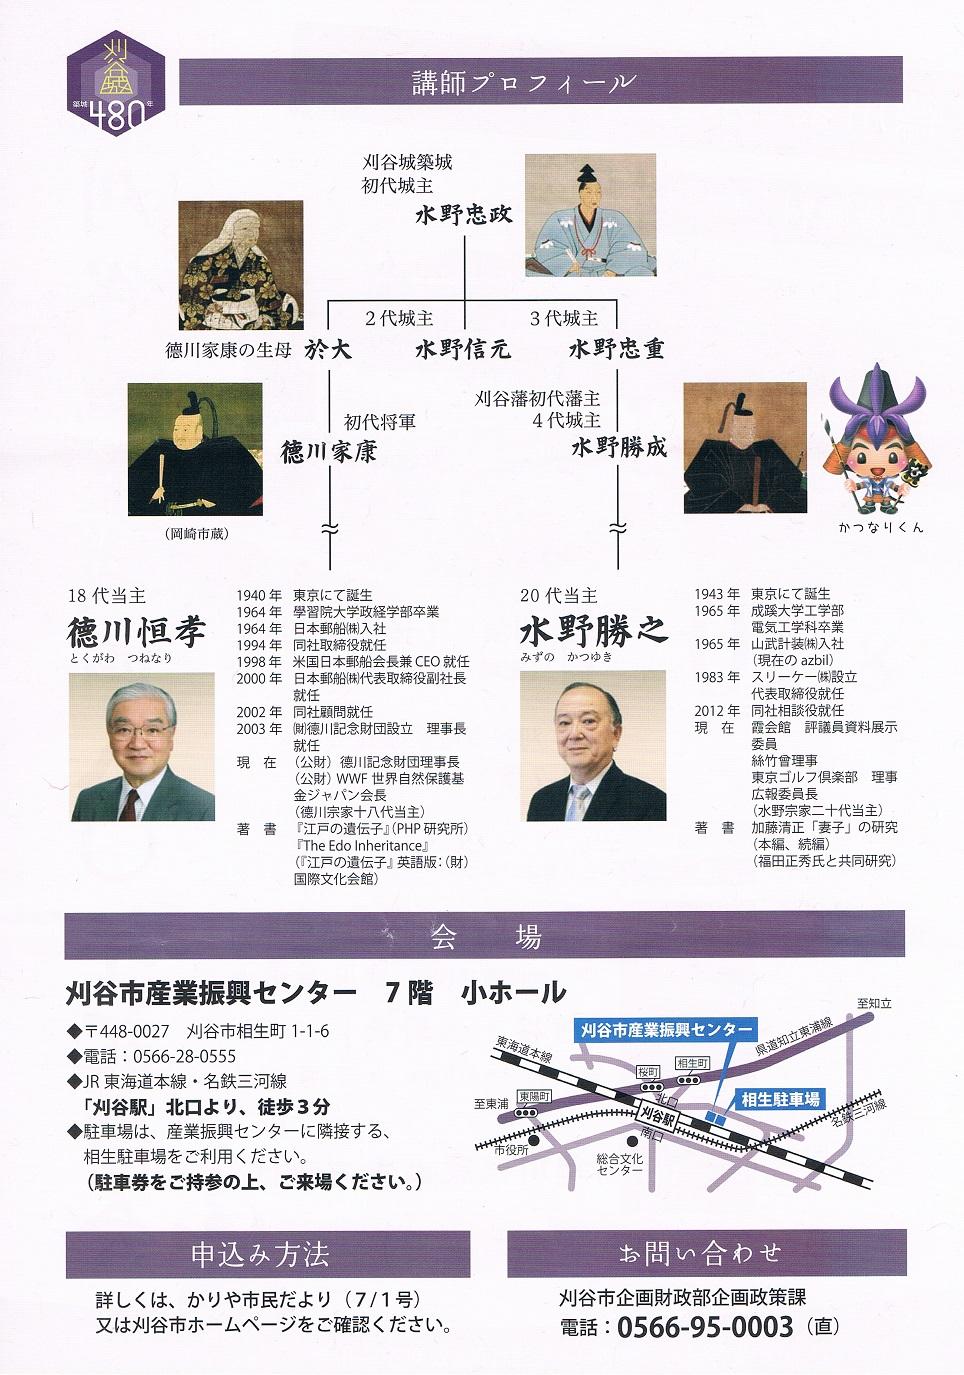 Mizunokesummit20130810b